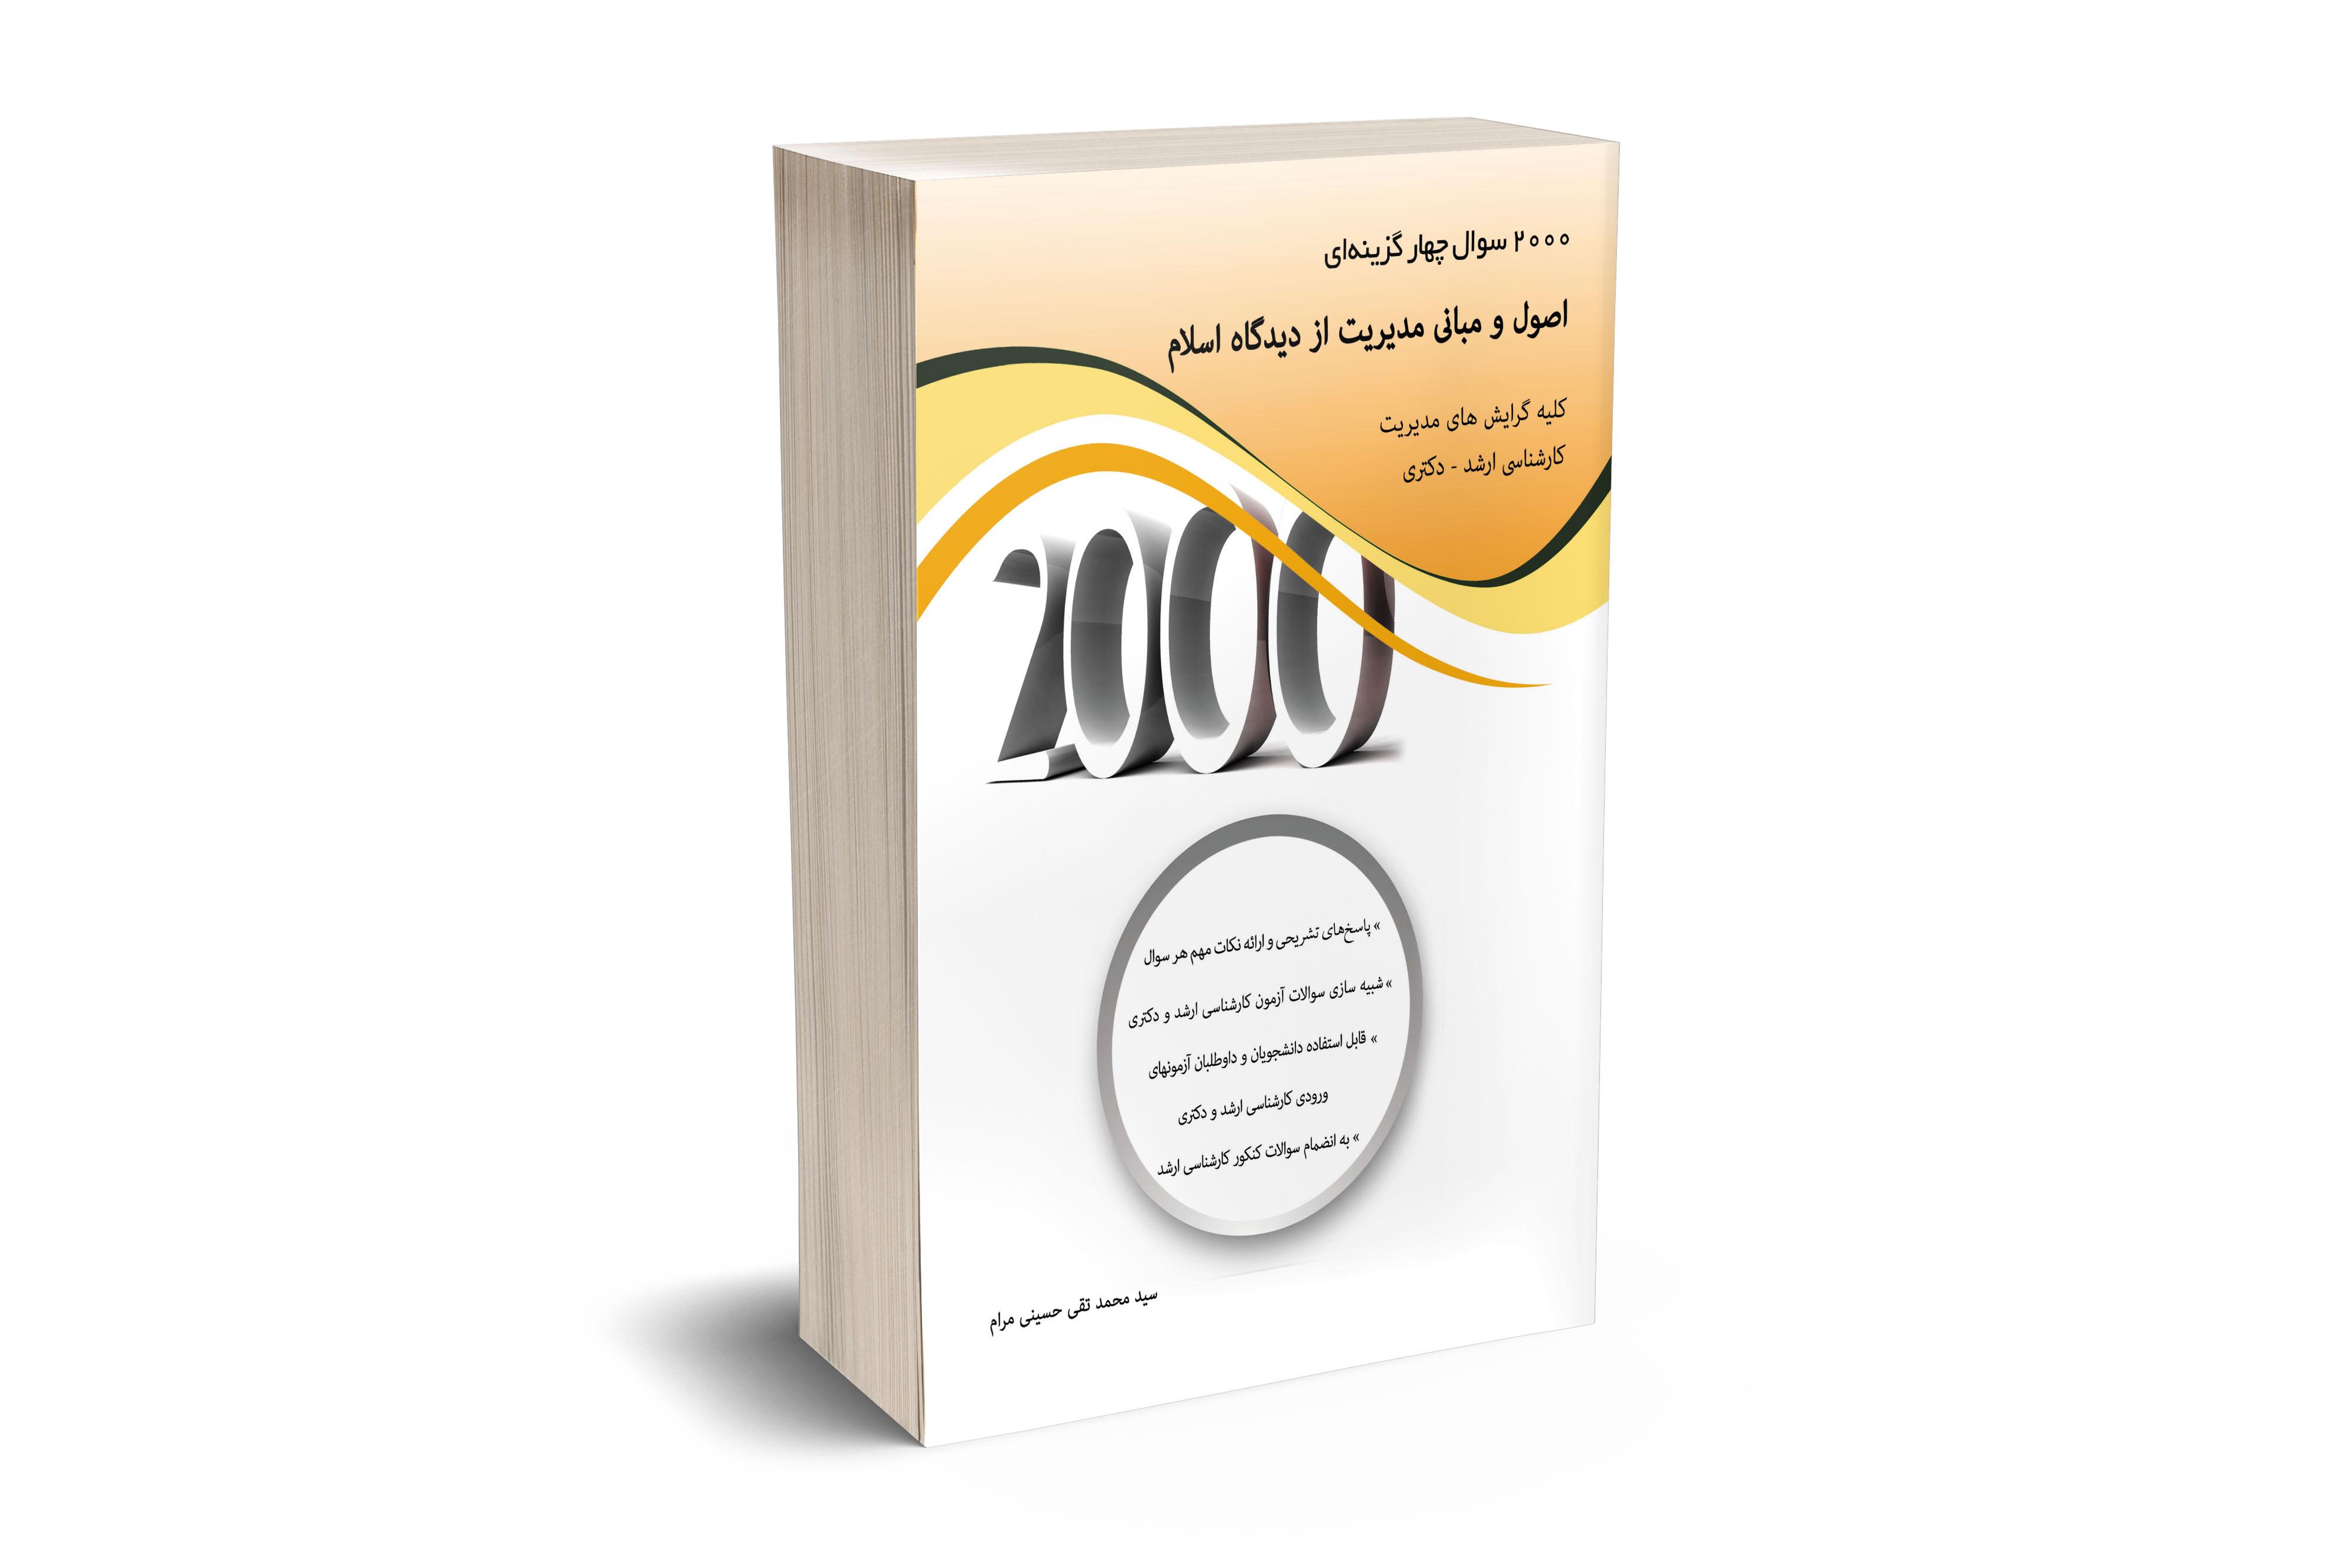 2000 سوال چهارگزینه ای اصول و مبانی مدیریت از دیدگاه اسلام